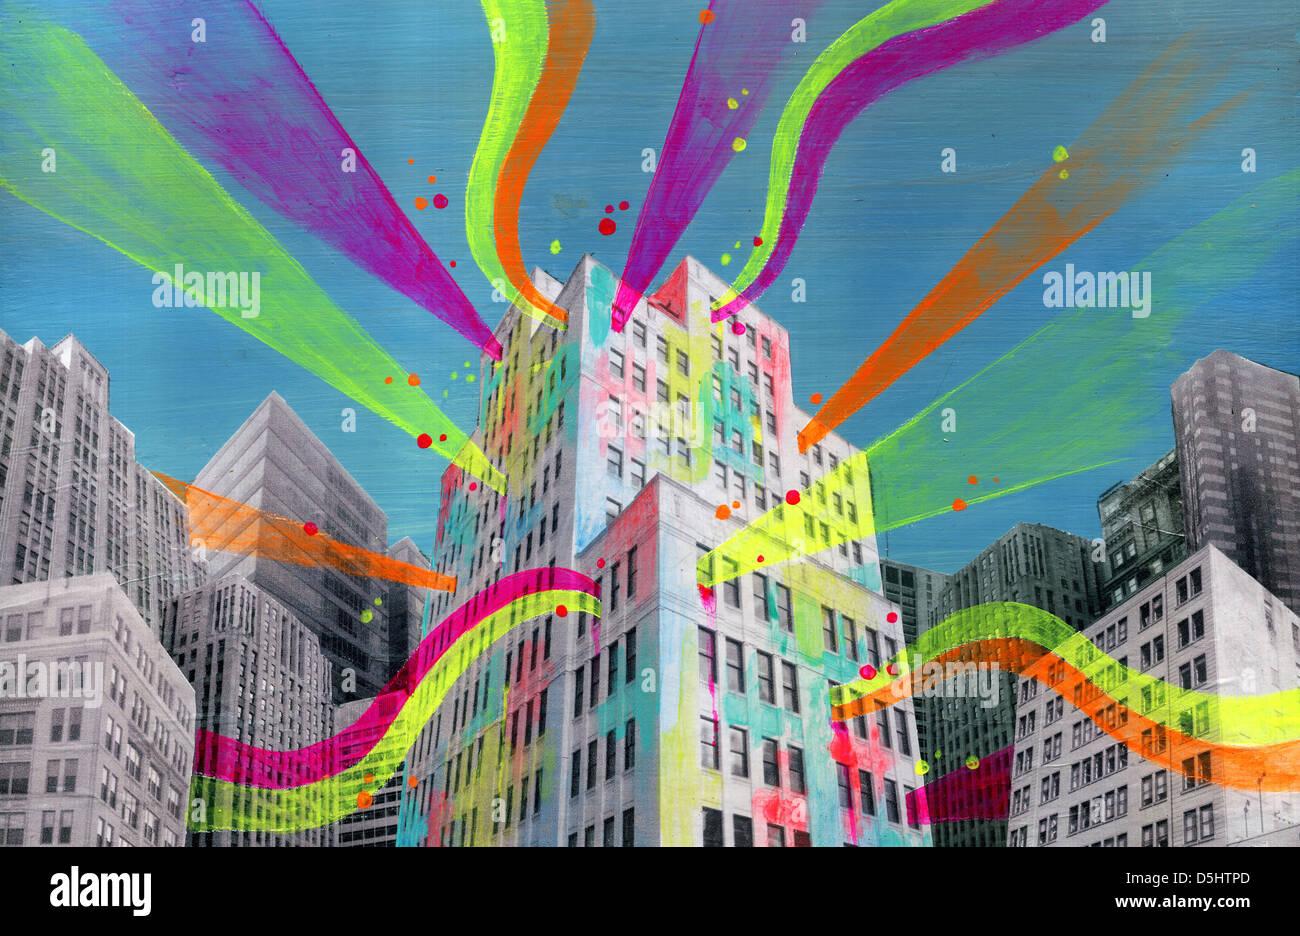 Abbildung des Gebäudes Leuchtdioden leuchten repräsentieren soziale Netzwerke Stockfoto